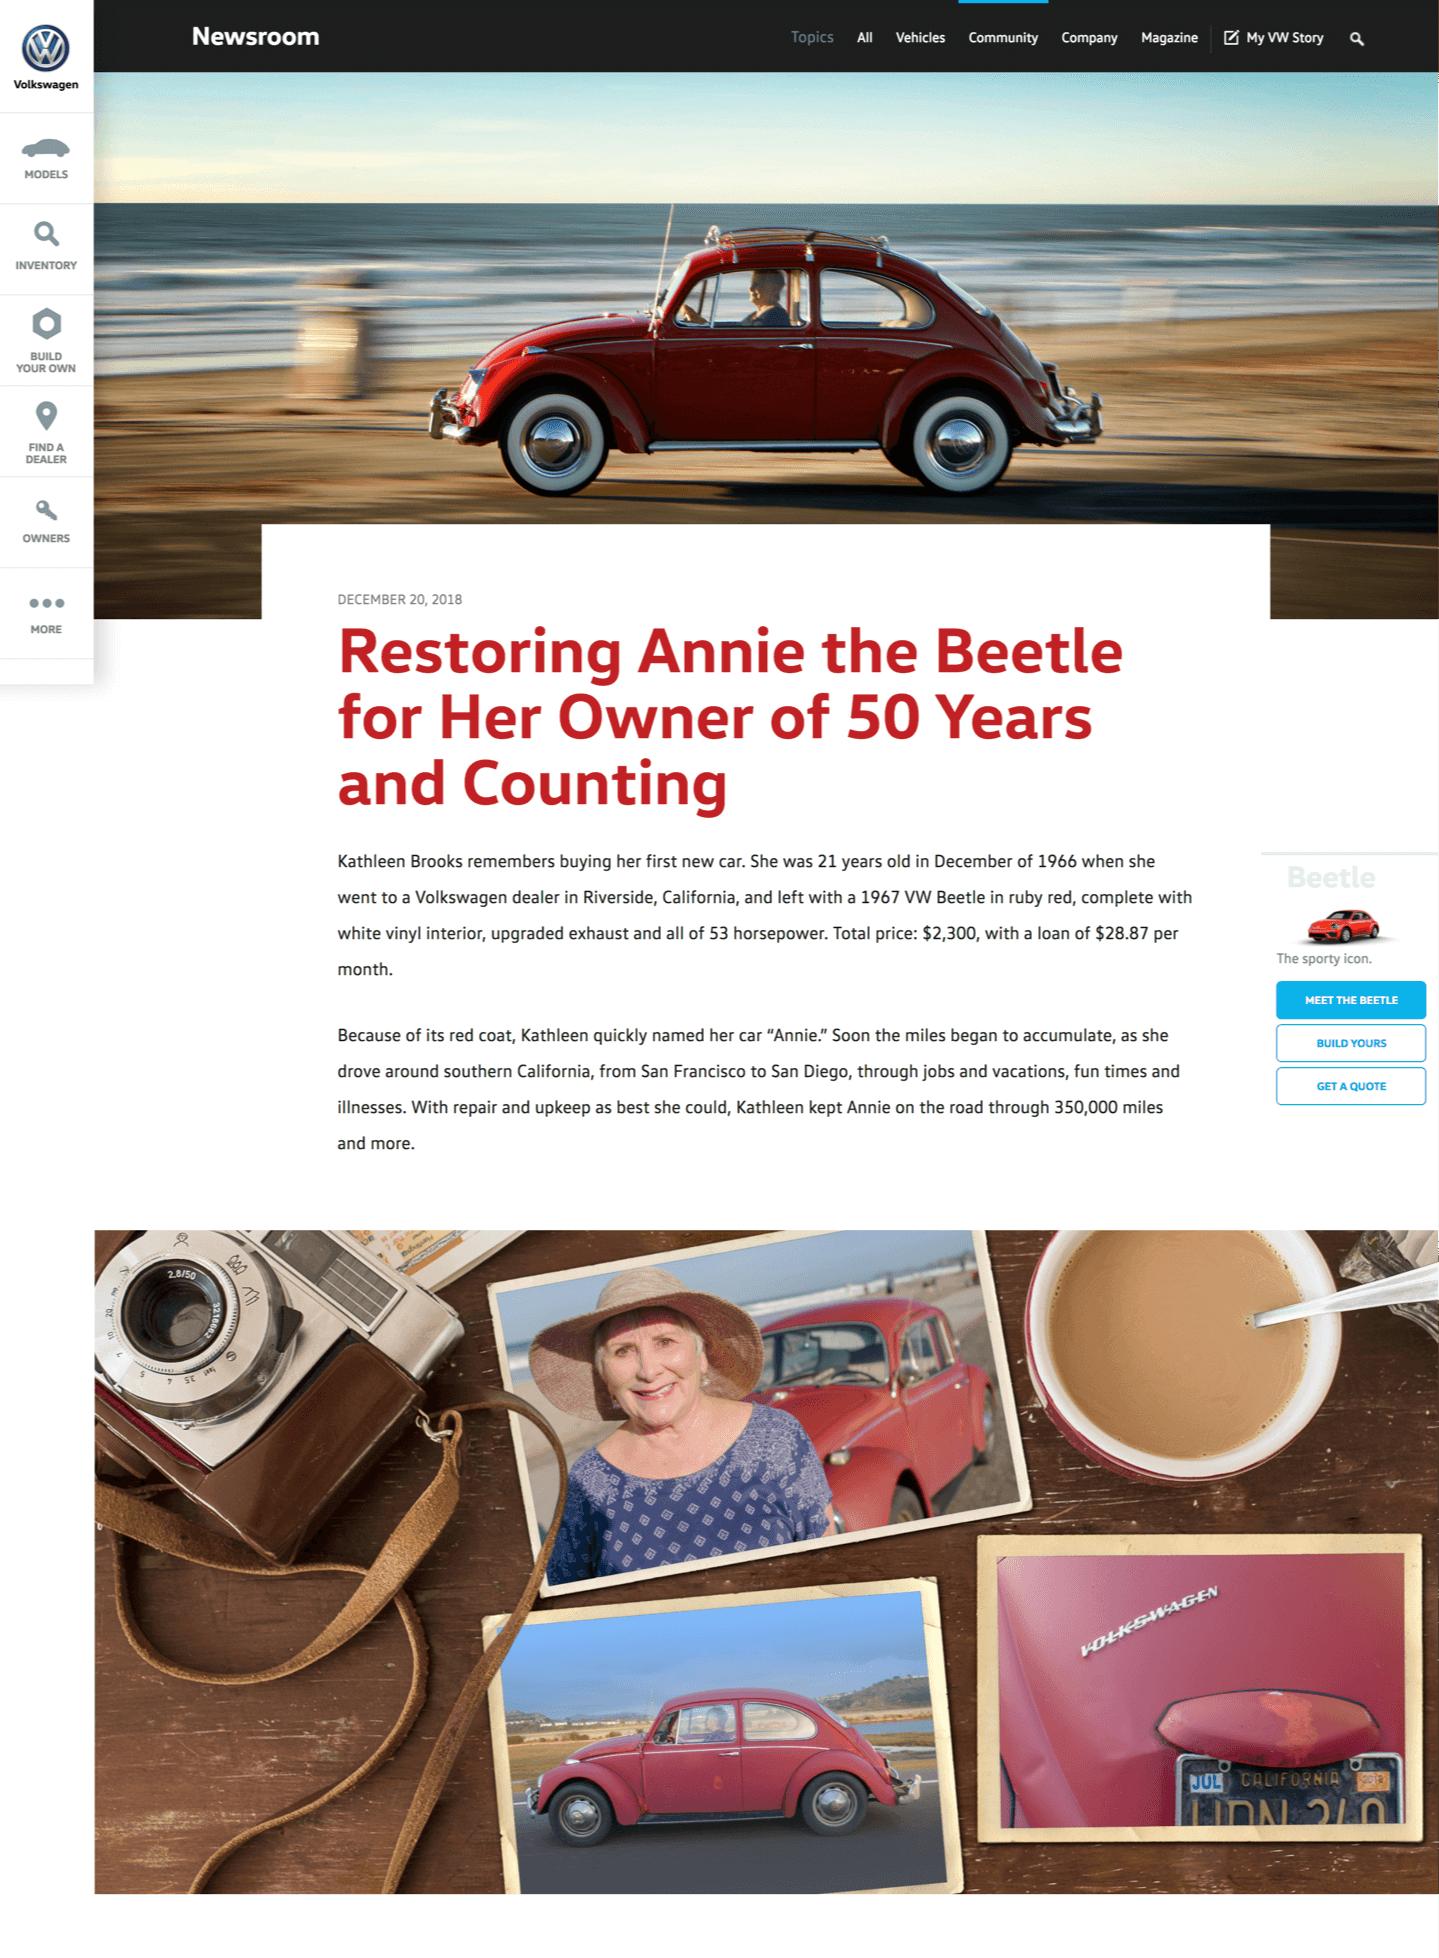 annie volkswagen restored